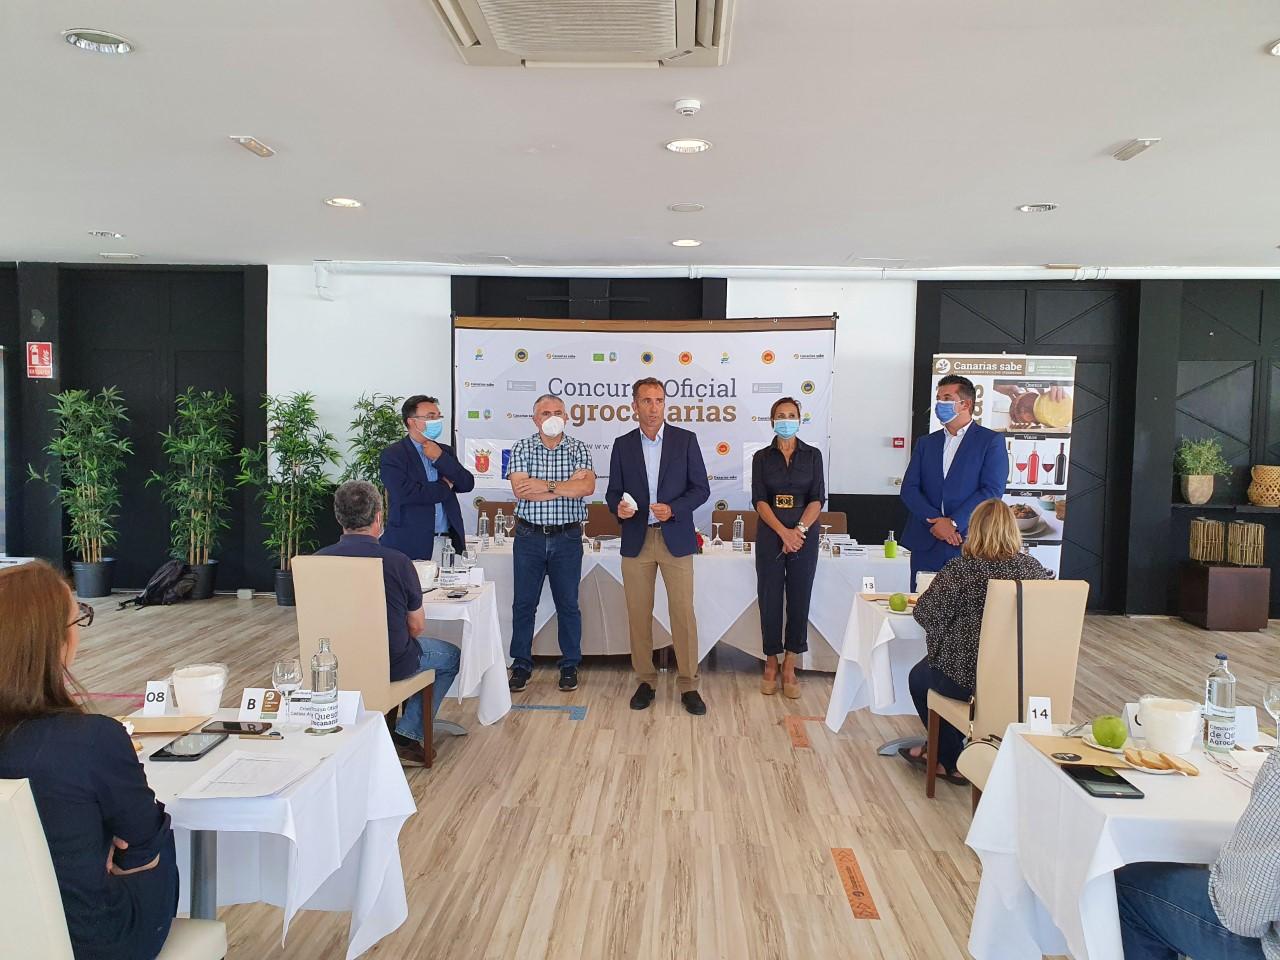 El Concurso Oficial Agrocanarias elige el mejor queso de las islas entre 194 muestras